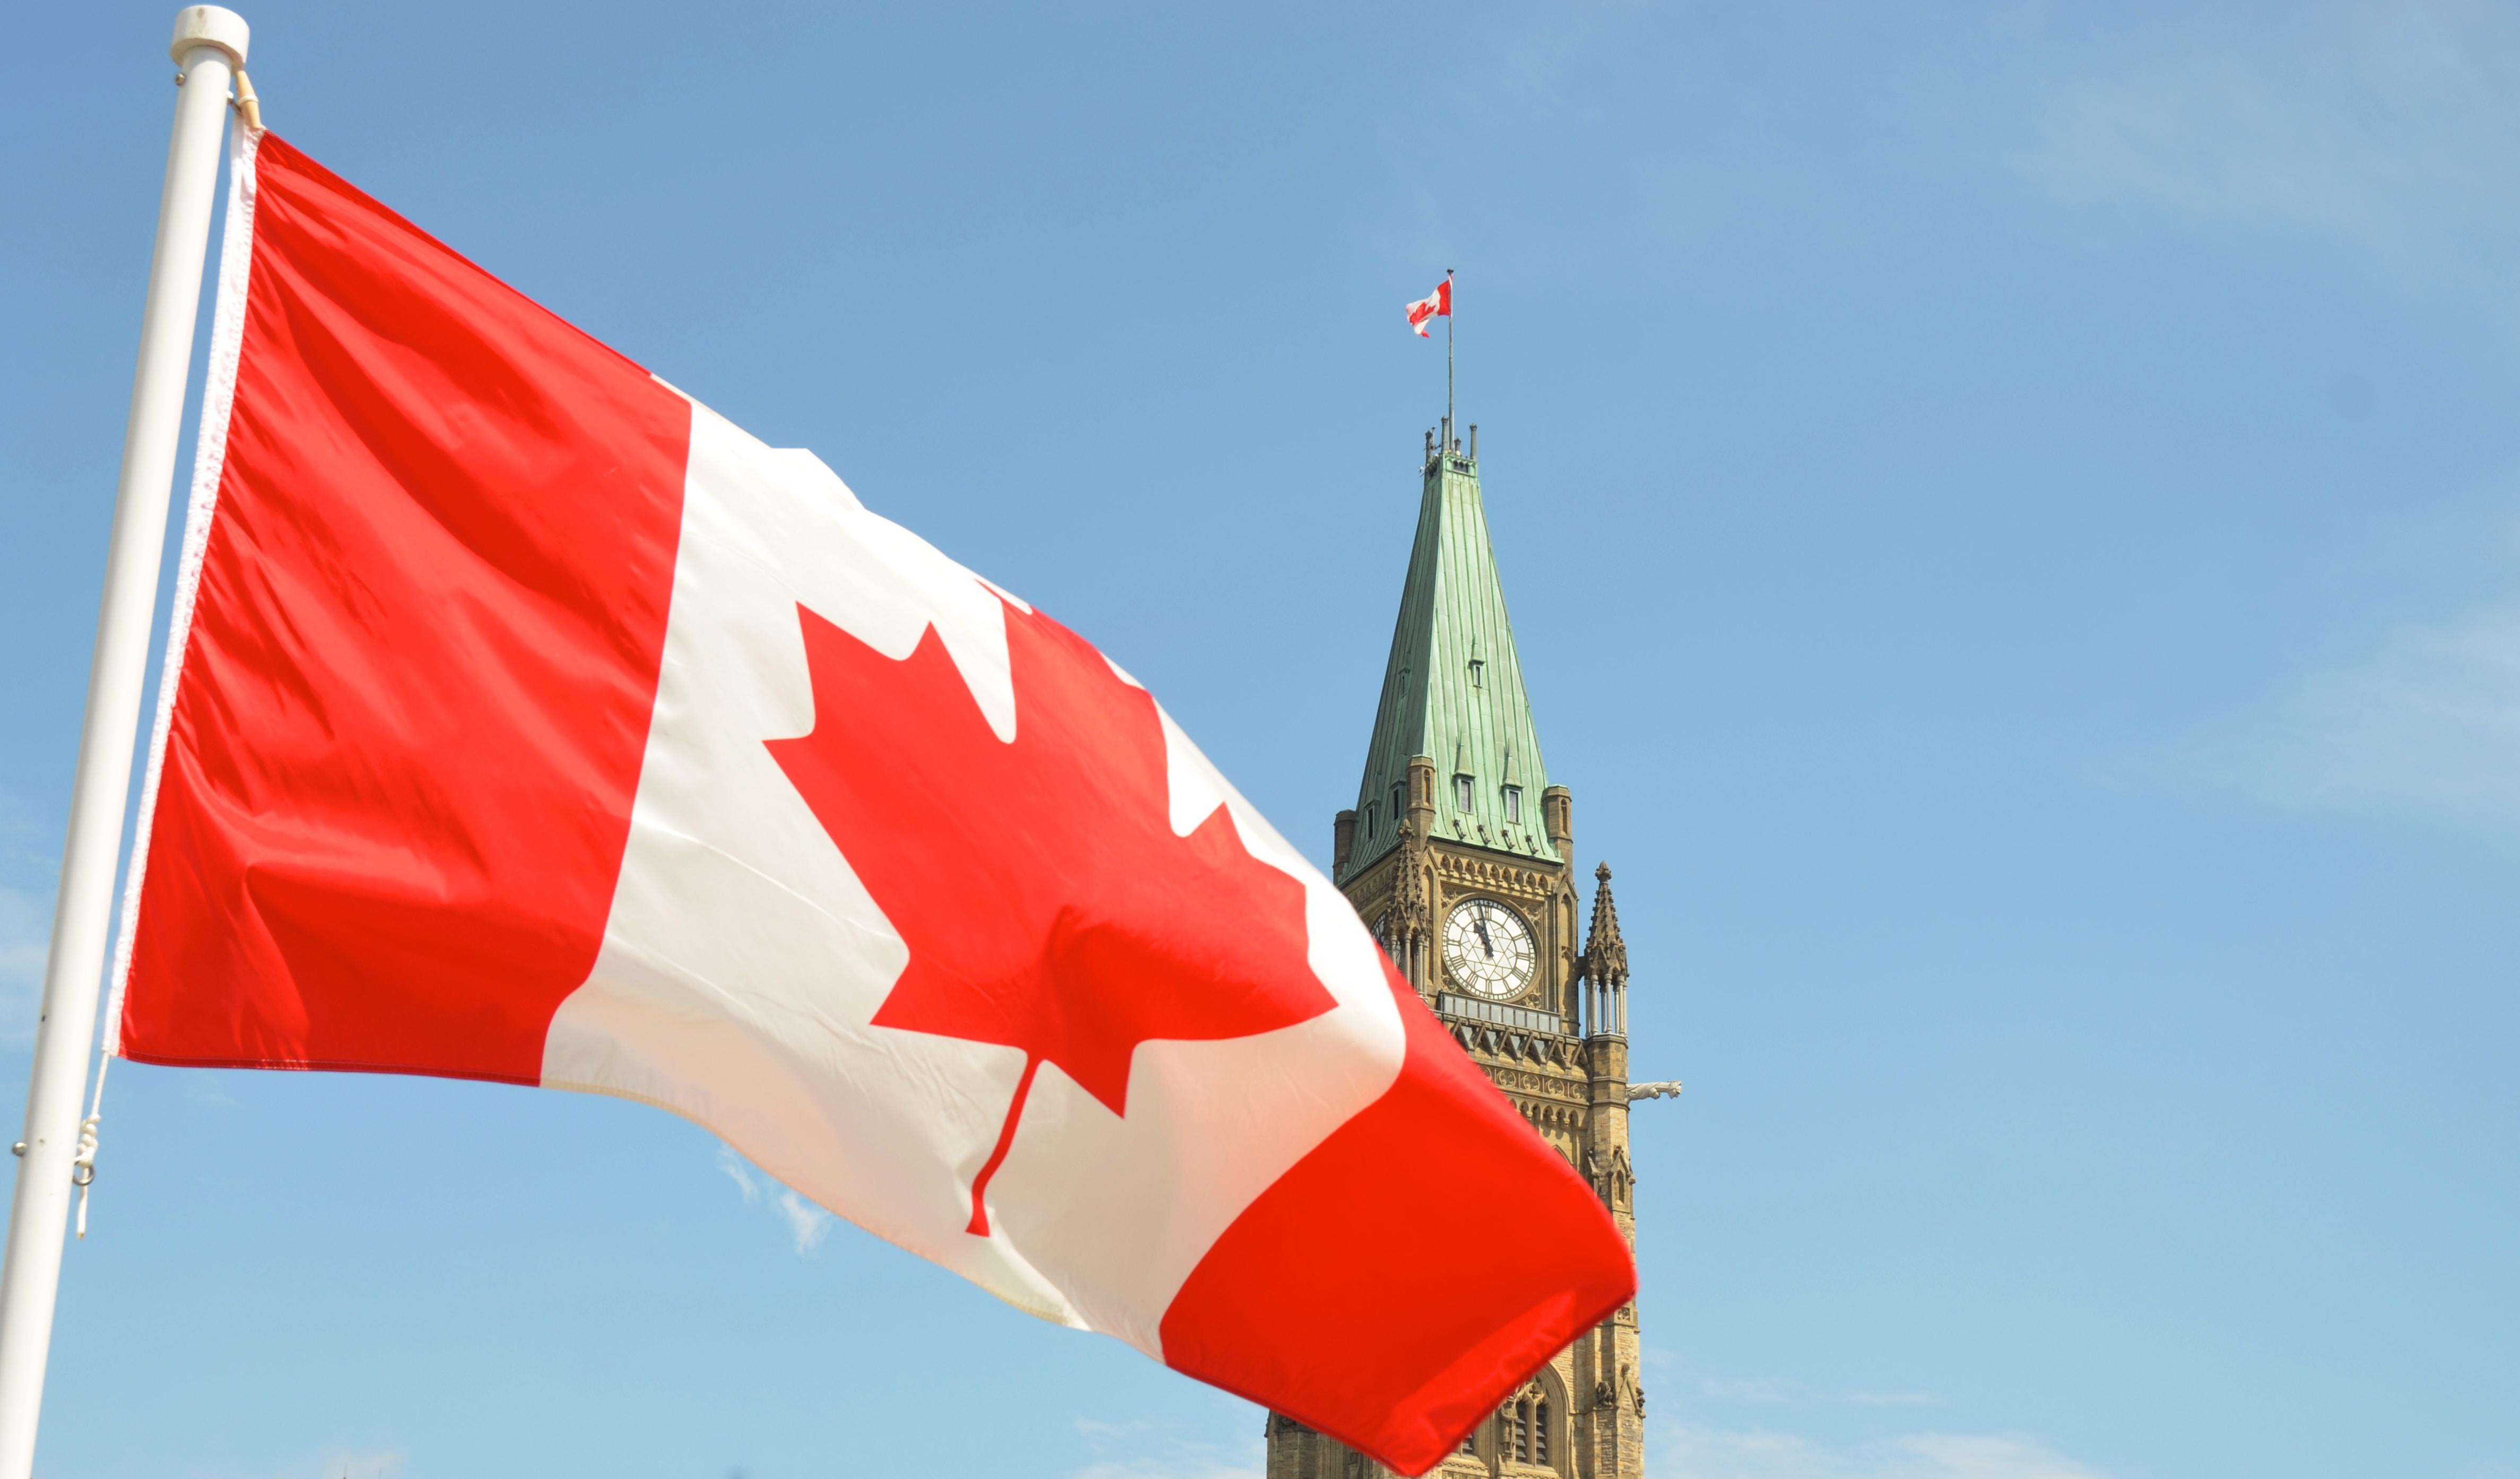 Коронавирус: как изменились провинциальные иммиграционные программы Канады